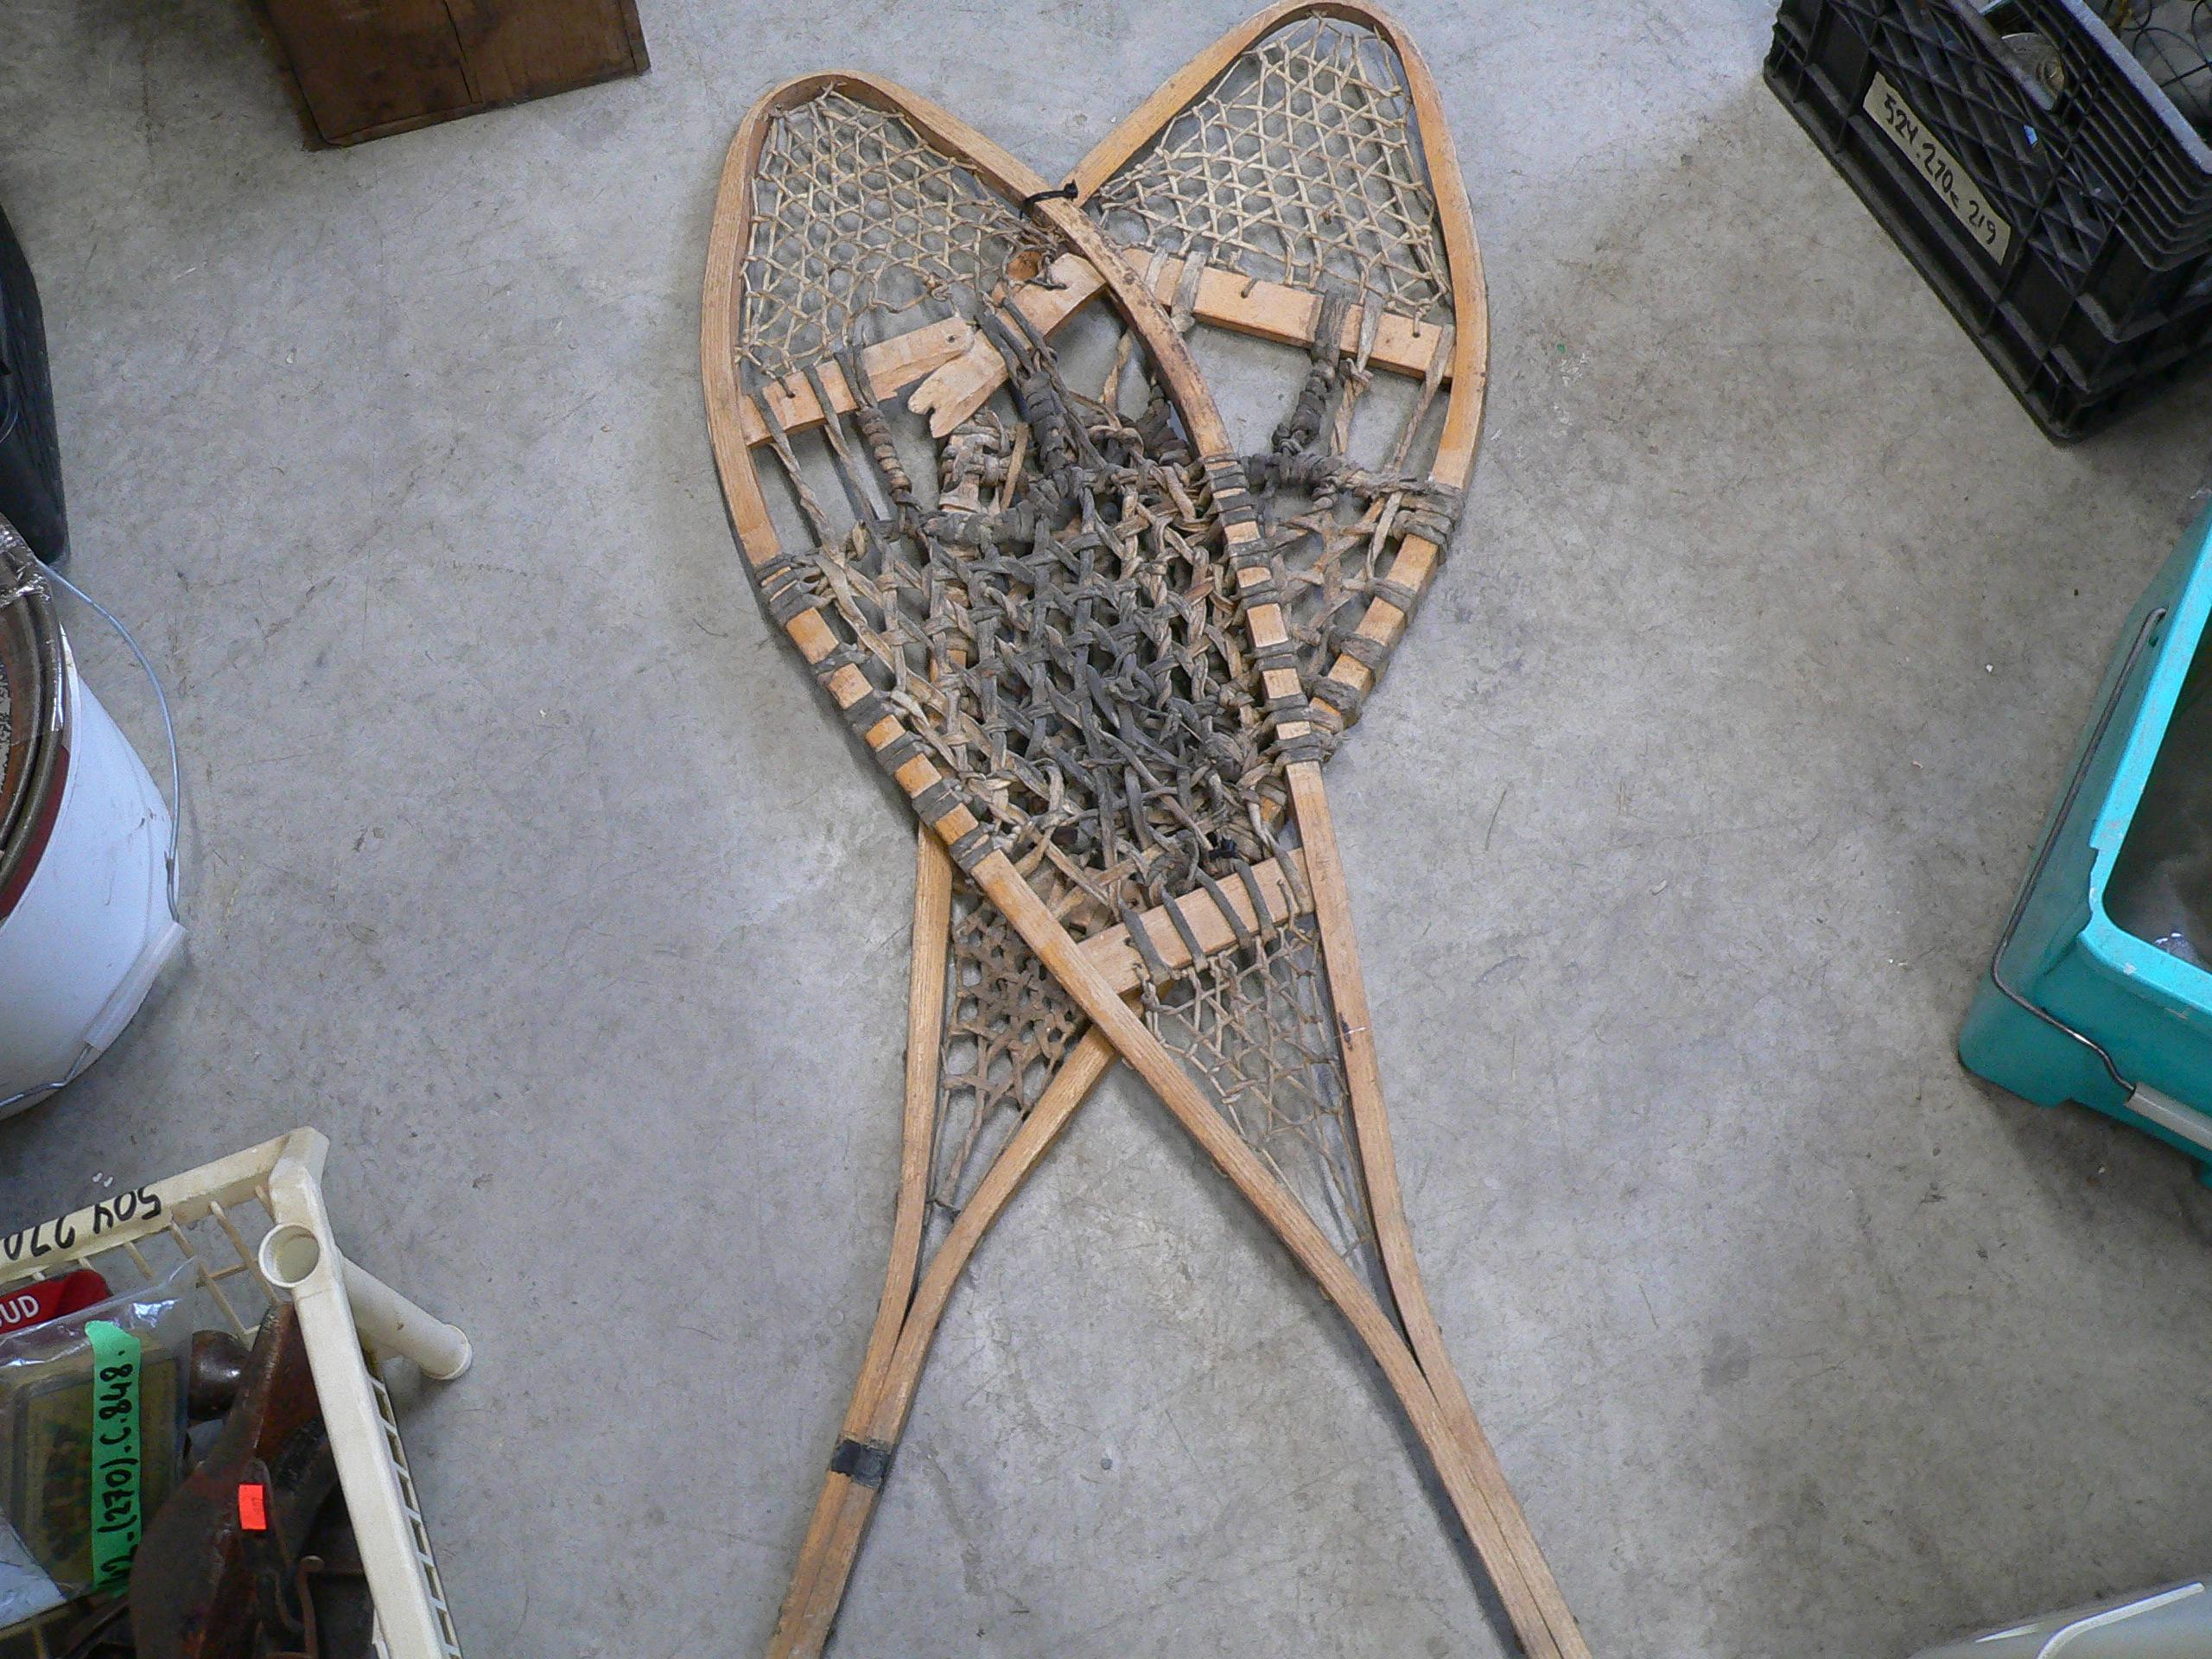 Paire de raquette vintage pour déco # 5665